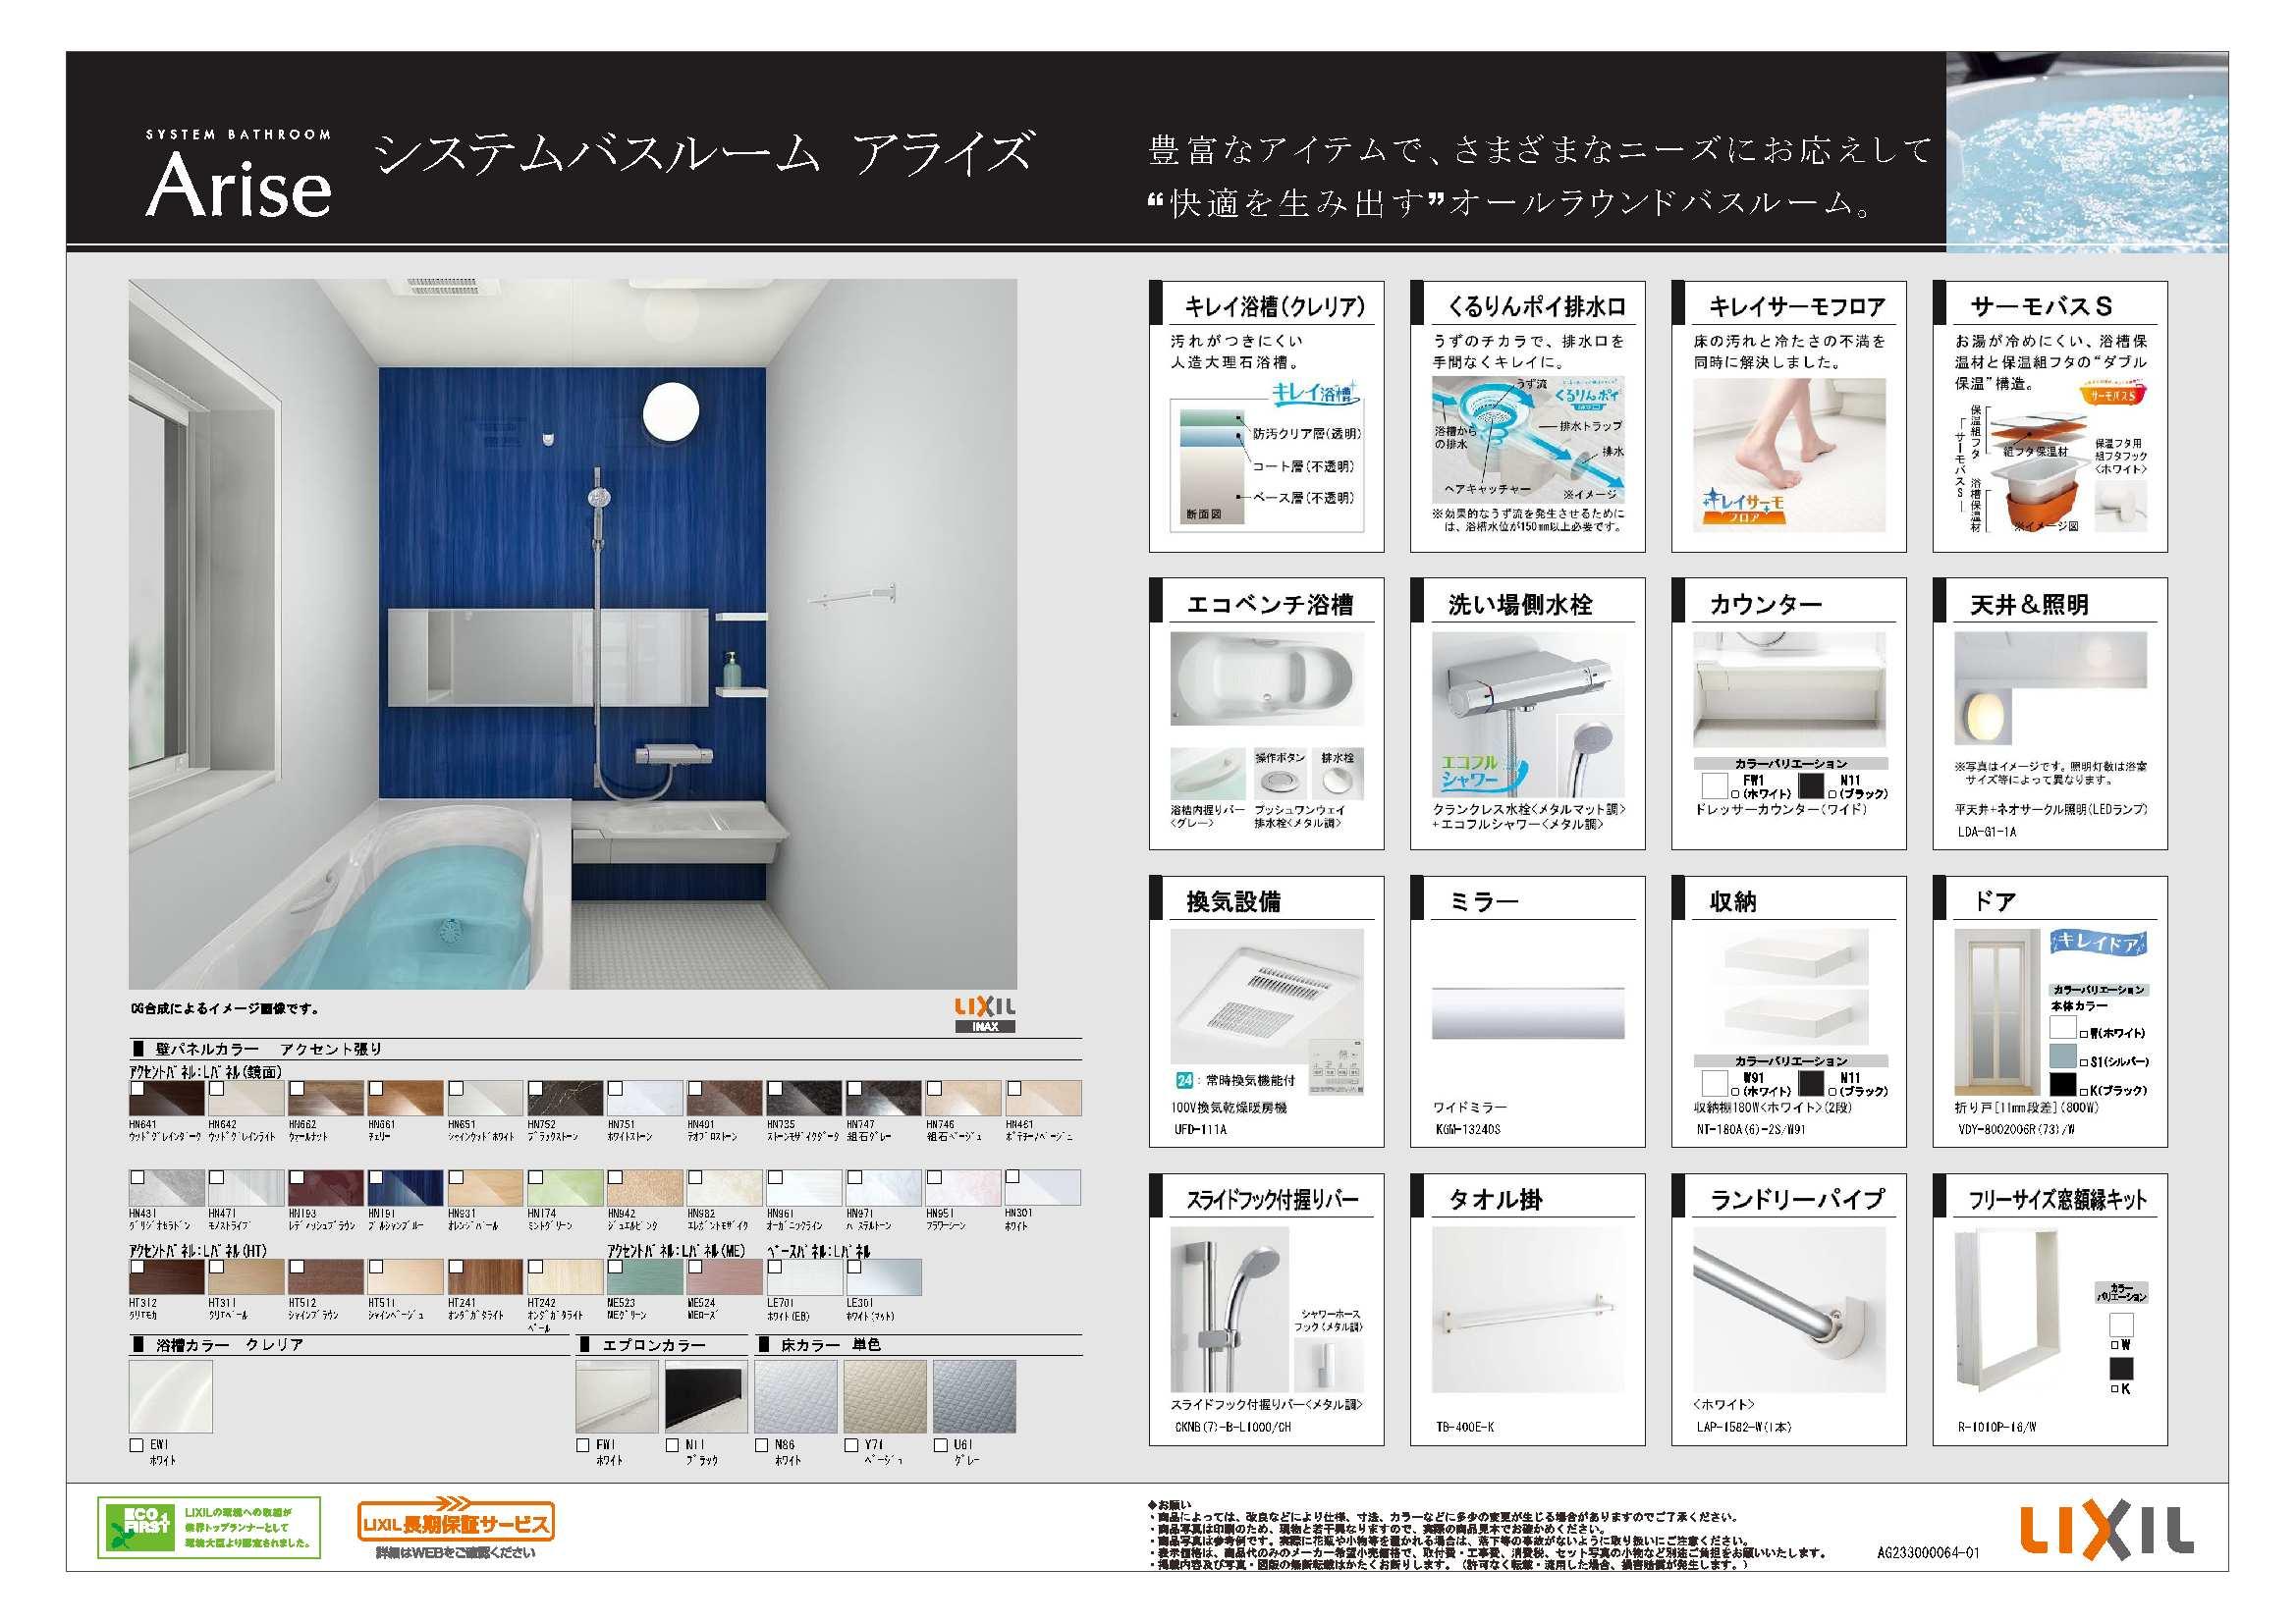 片木反毛株式会社2015標準仕様書-12